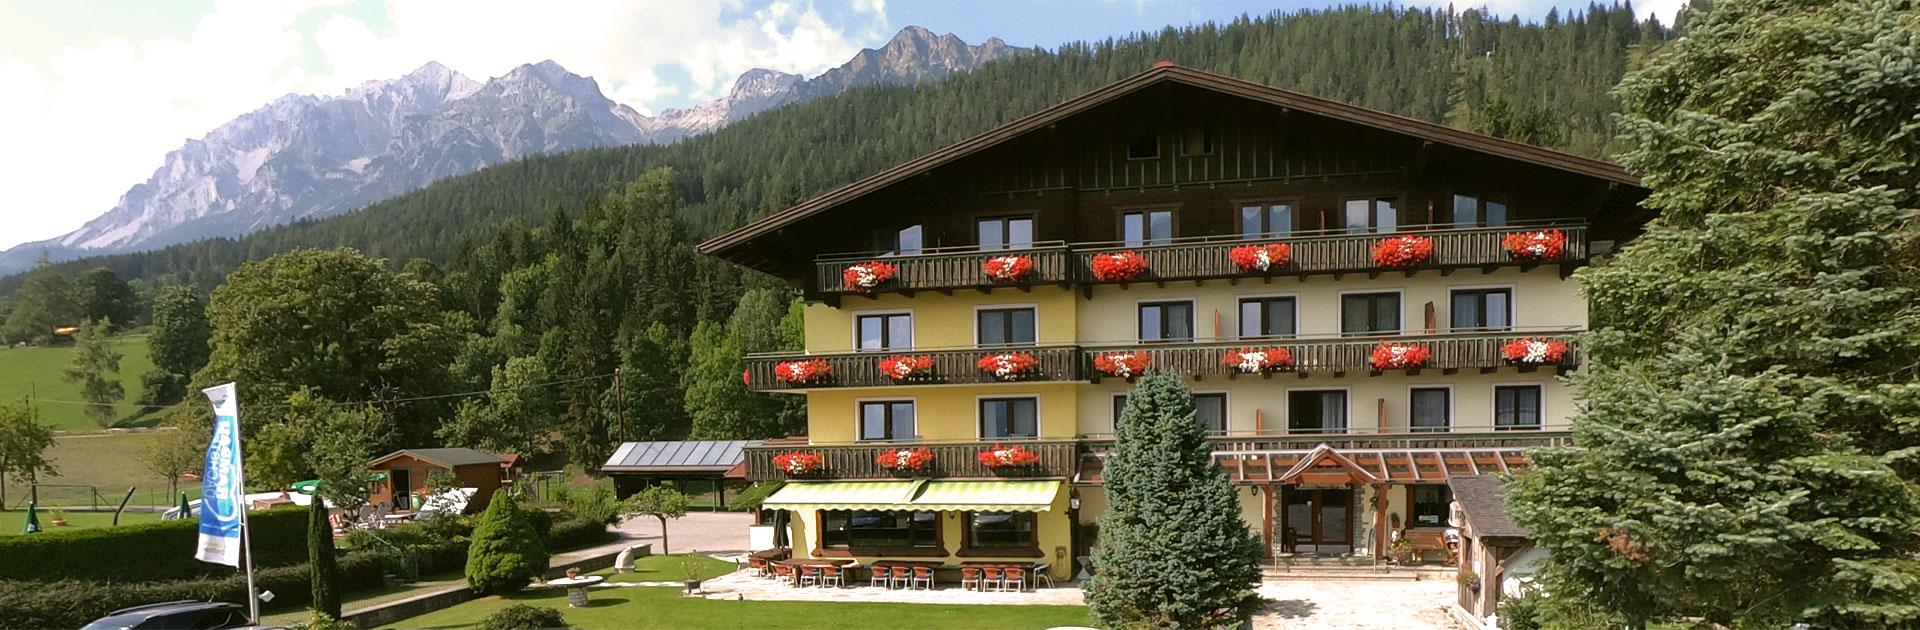 *** Stern Hotel Timmelbauerhof in Ramsau am Dachstein